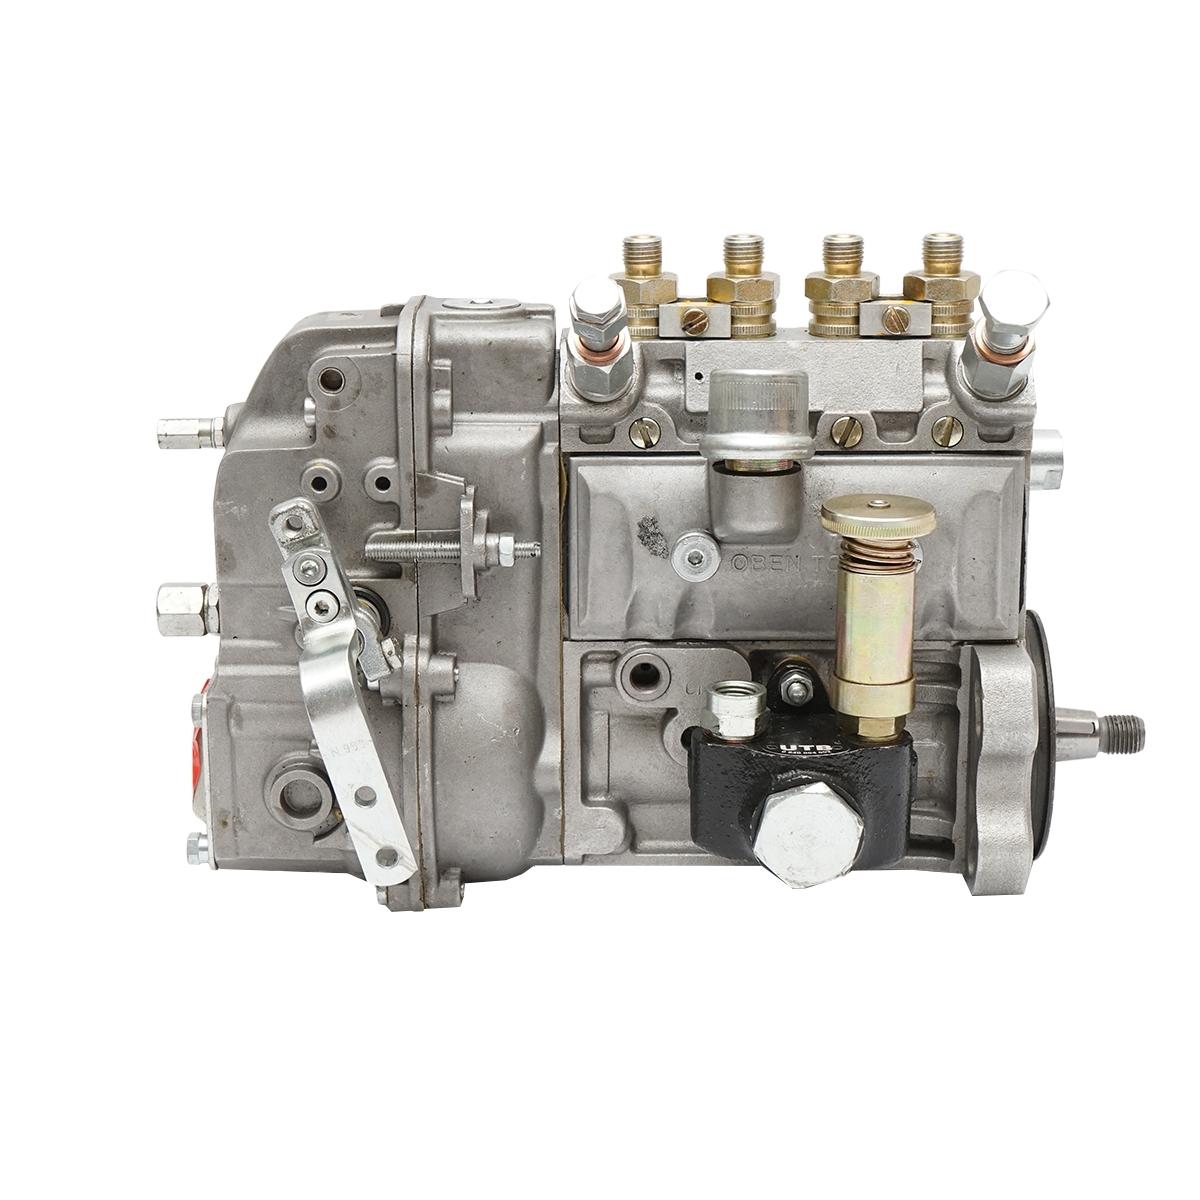 Pompa injectie U-650